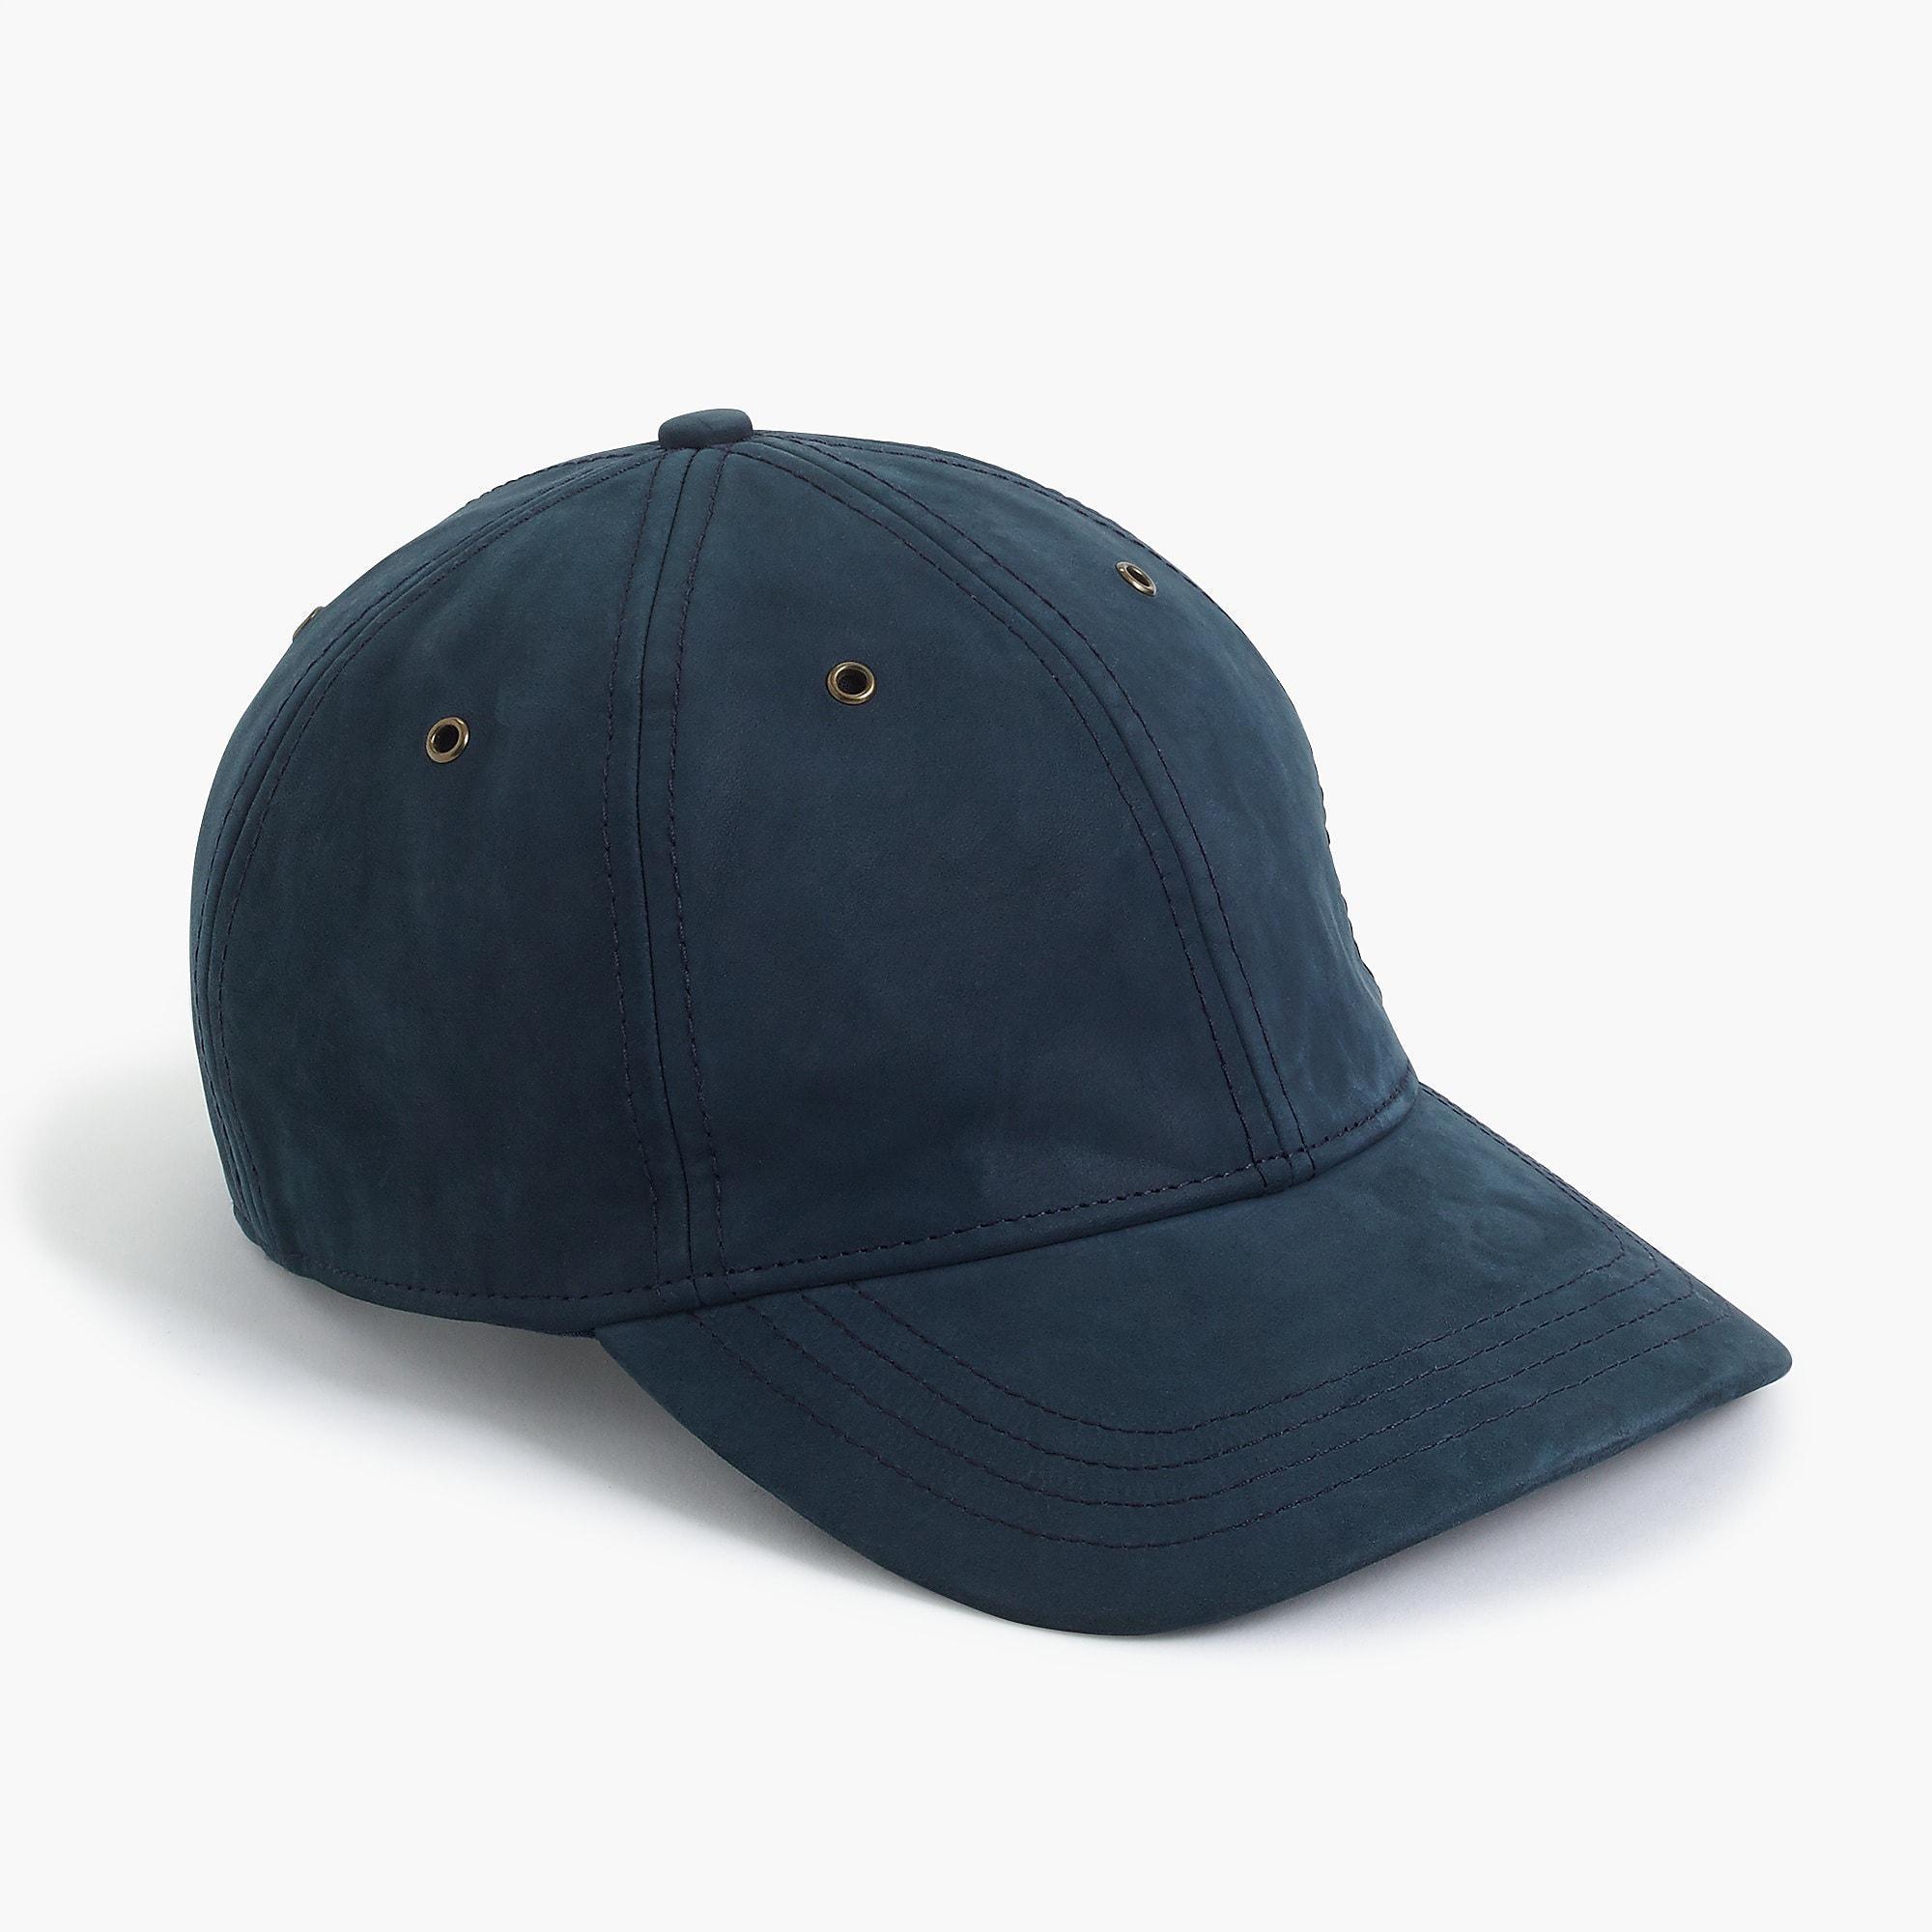 1bd4cd18b42 Gallery. Men s Canada Goose Aviator Men s Bucket Hats ...